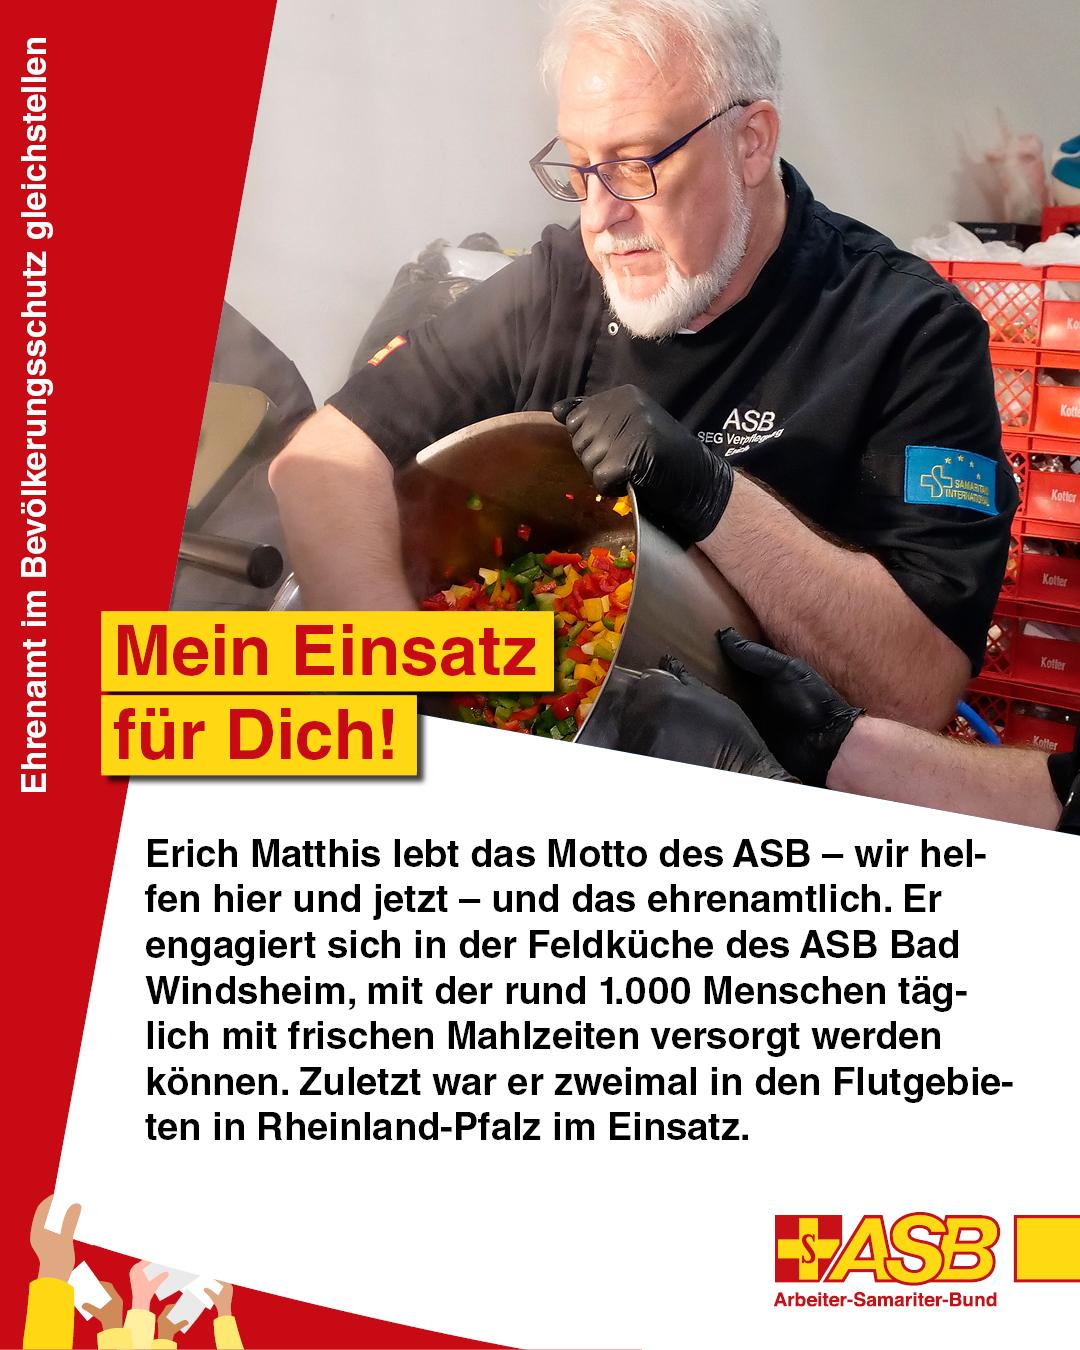 ASB-Forderungen-FB-IG_Ehrenamt_Bayern.jpg